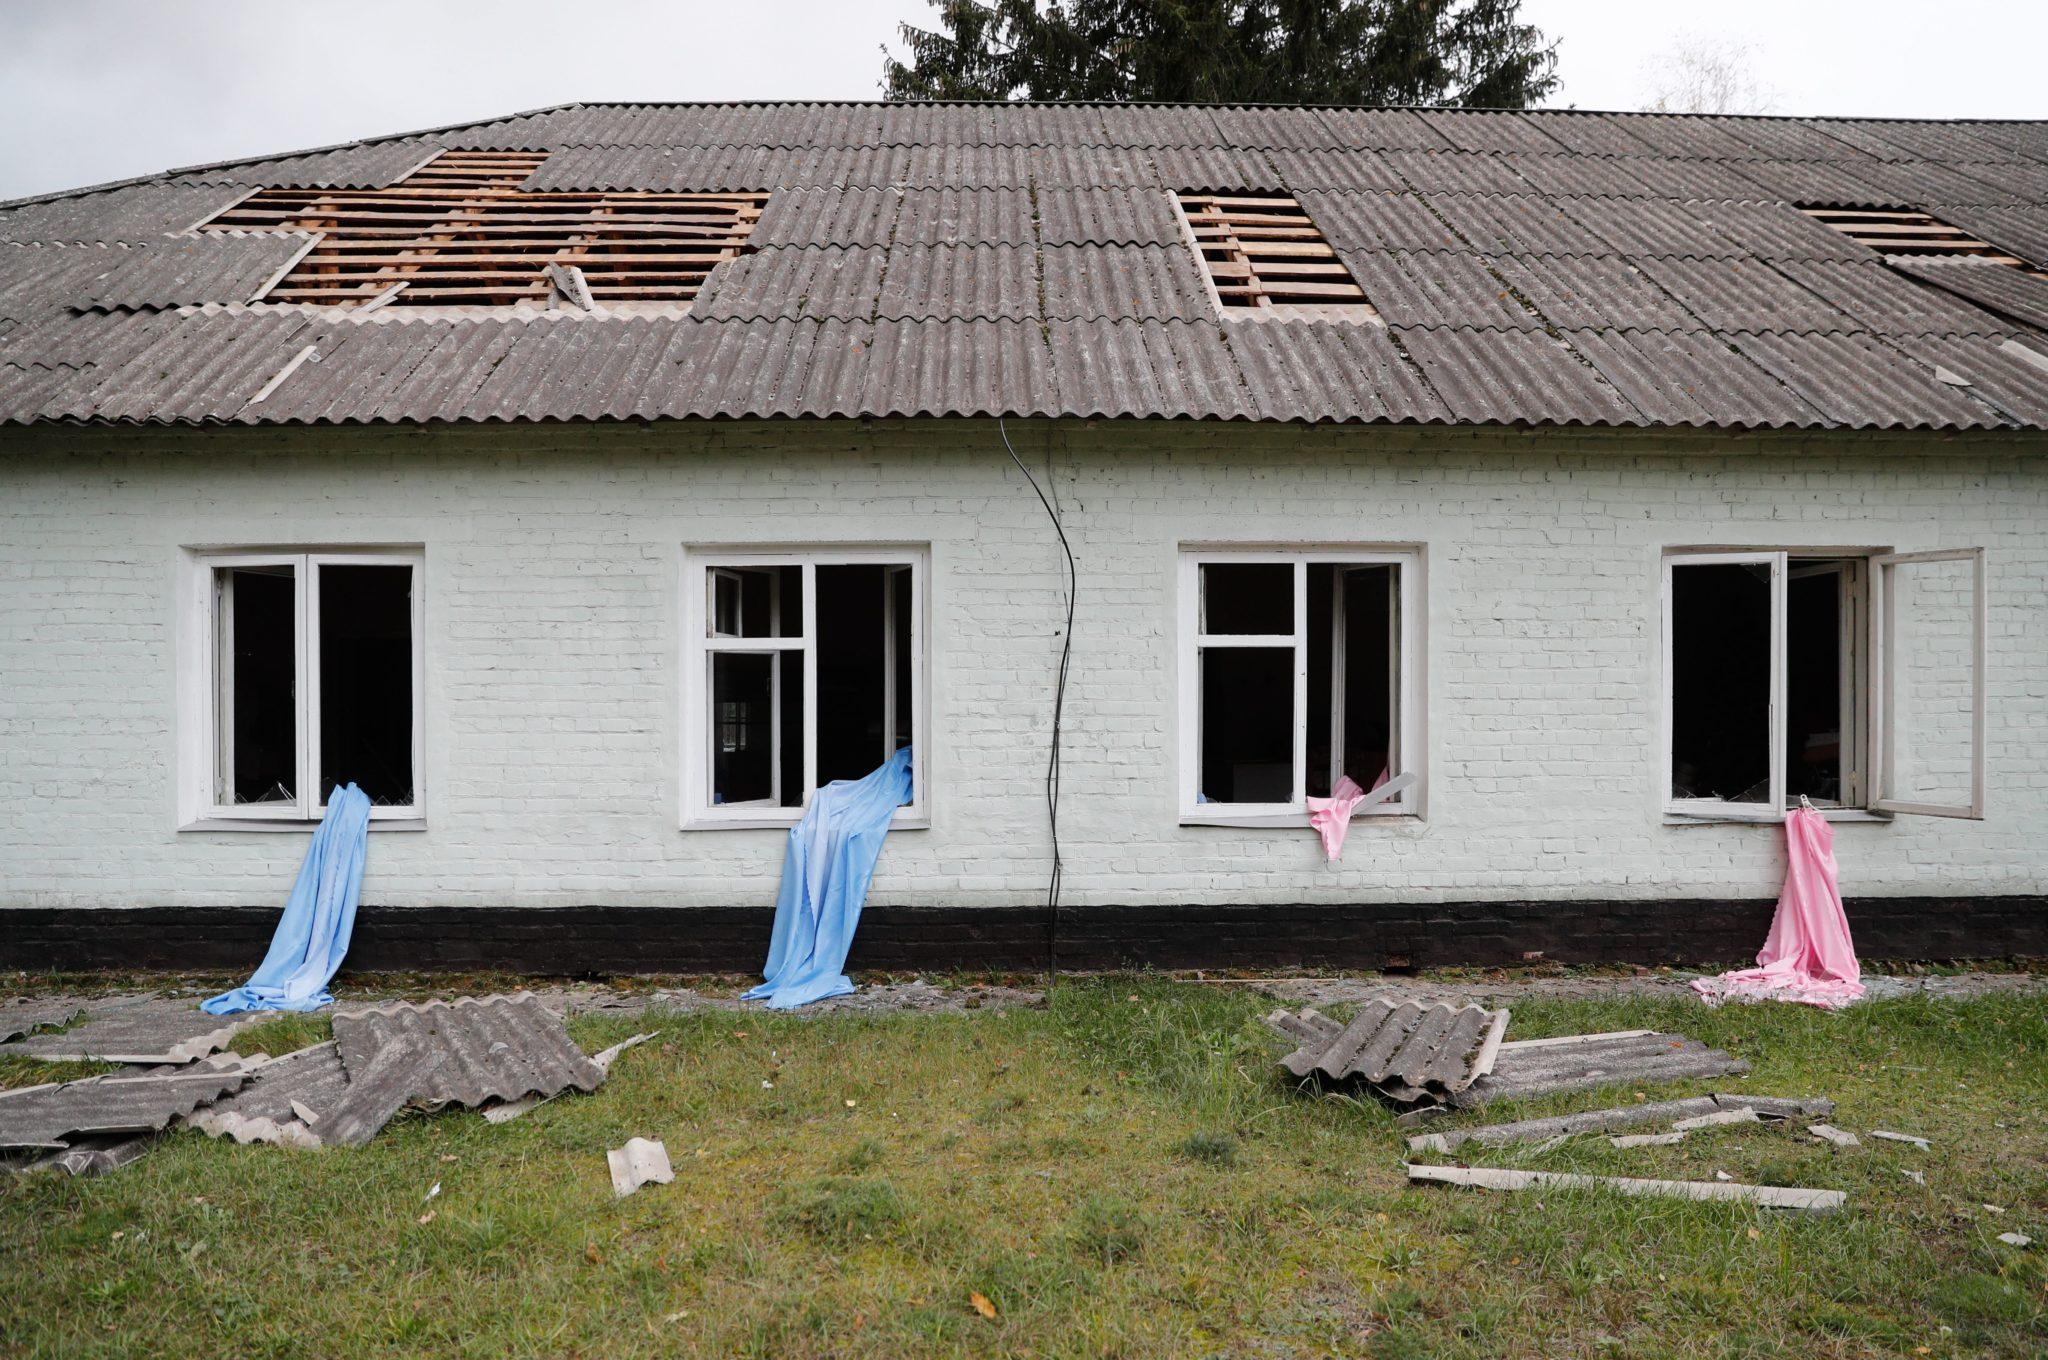 Blisko 12 tysięcy osób ewakuowano we wtorek z okolic 11-tysięcznego miasta Icznia w obwodzie czernihowskim, około 180 km na wschód od Kijowa, gdzie trwa pożar składów amunicji i wybuchają pociski – poinformowały władze Ukrainy, fot. Sergey Dolzhenko, PAP/EPA